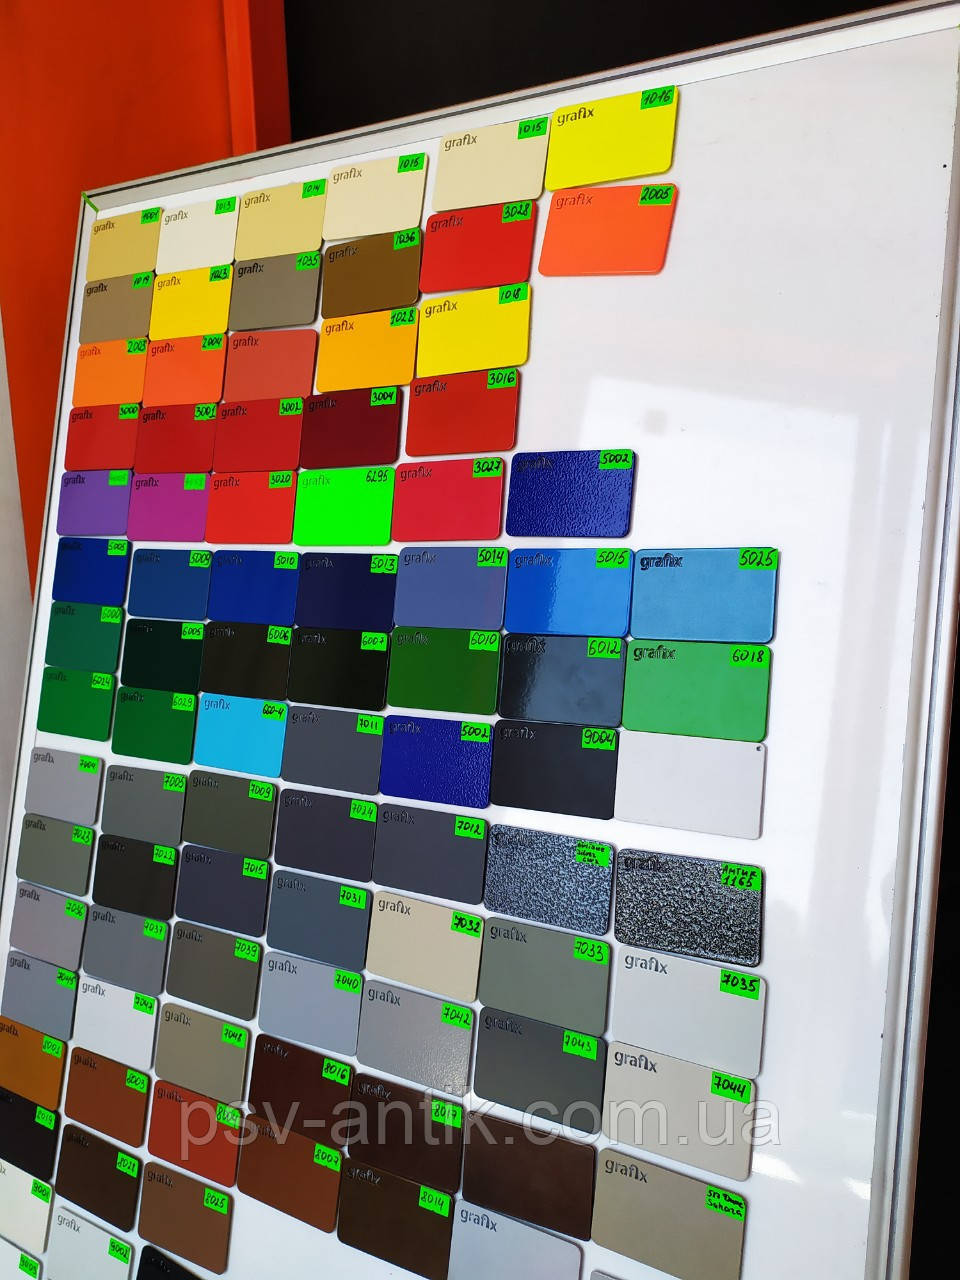 Порошковая краска структурная, полиэфирная, архитектурная, 503